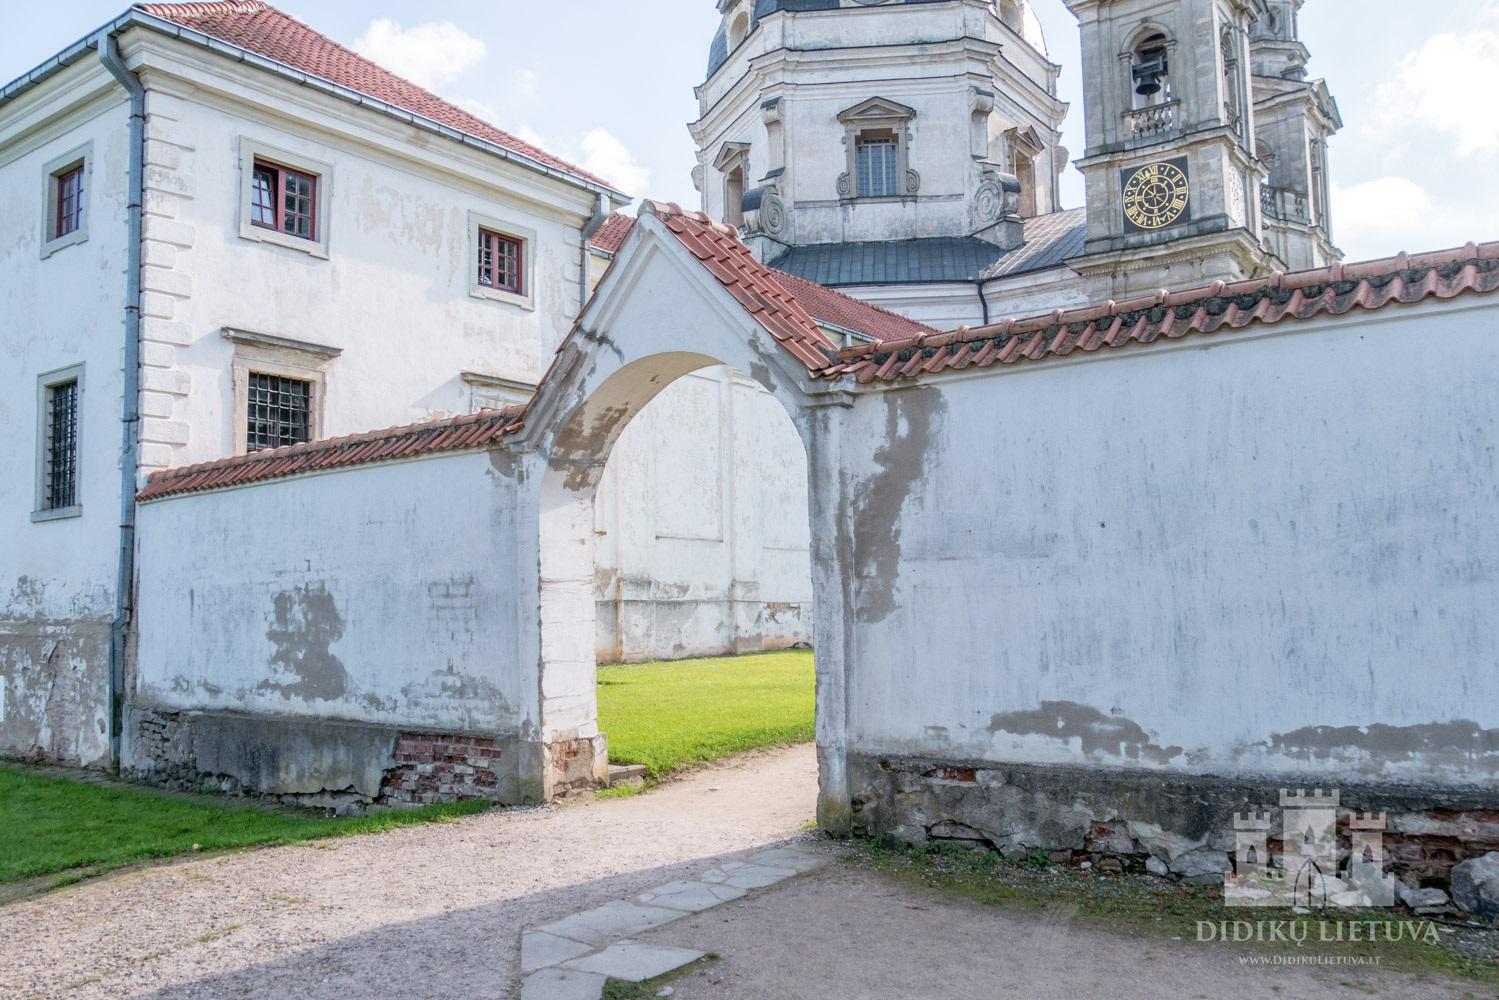 Pažaislio kamaldulių vienuolyno ansamblio šventoriaus tvora su vartais